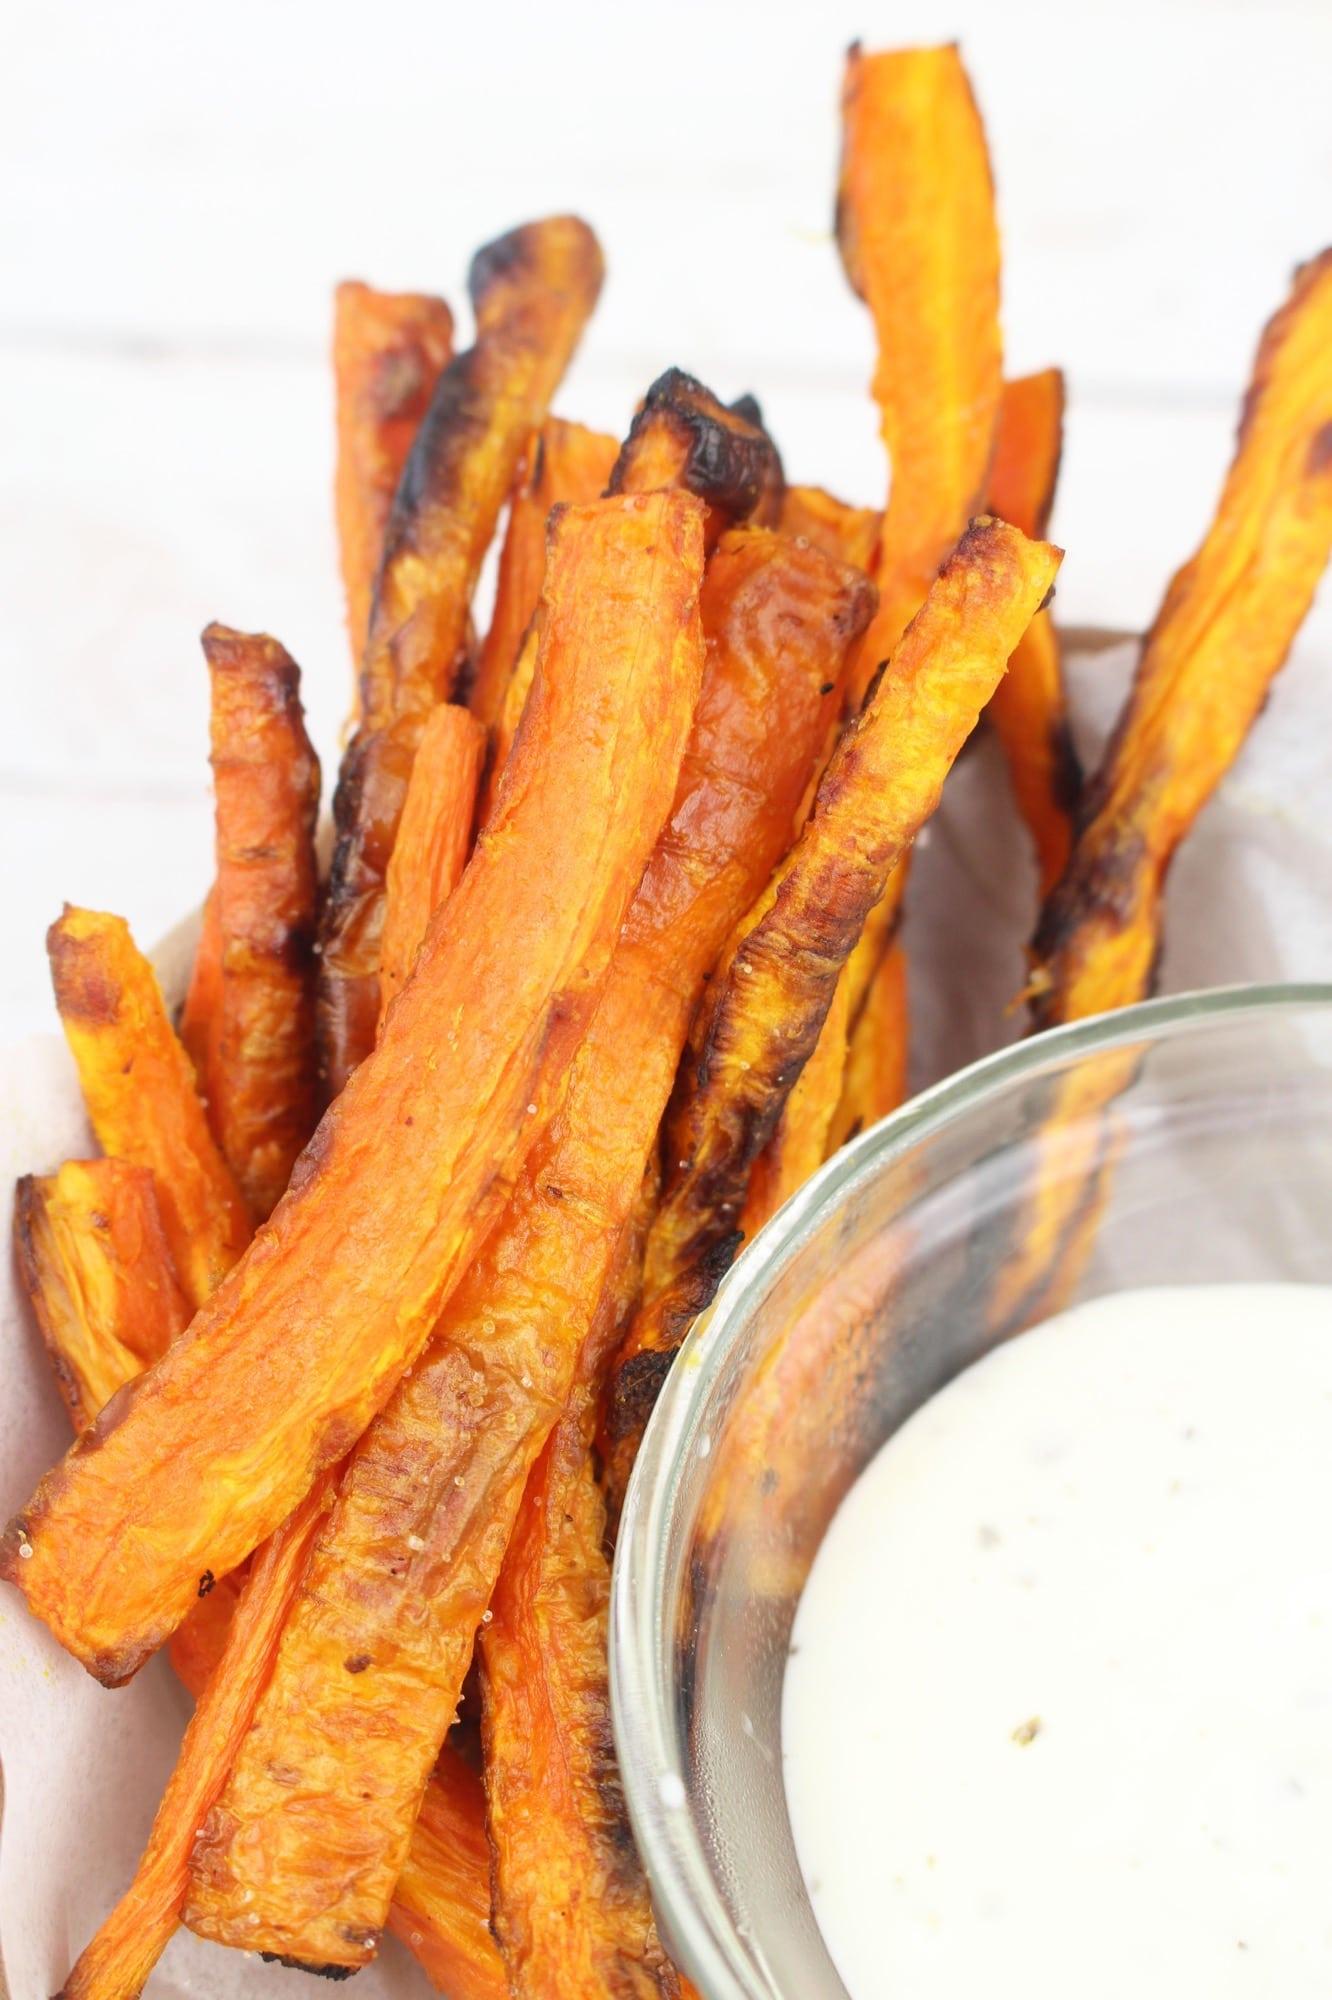 homemade carrot fries